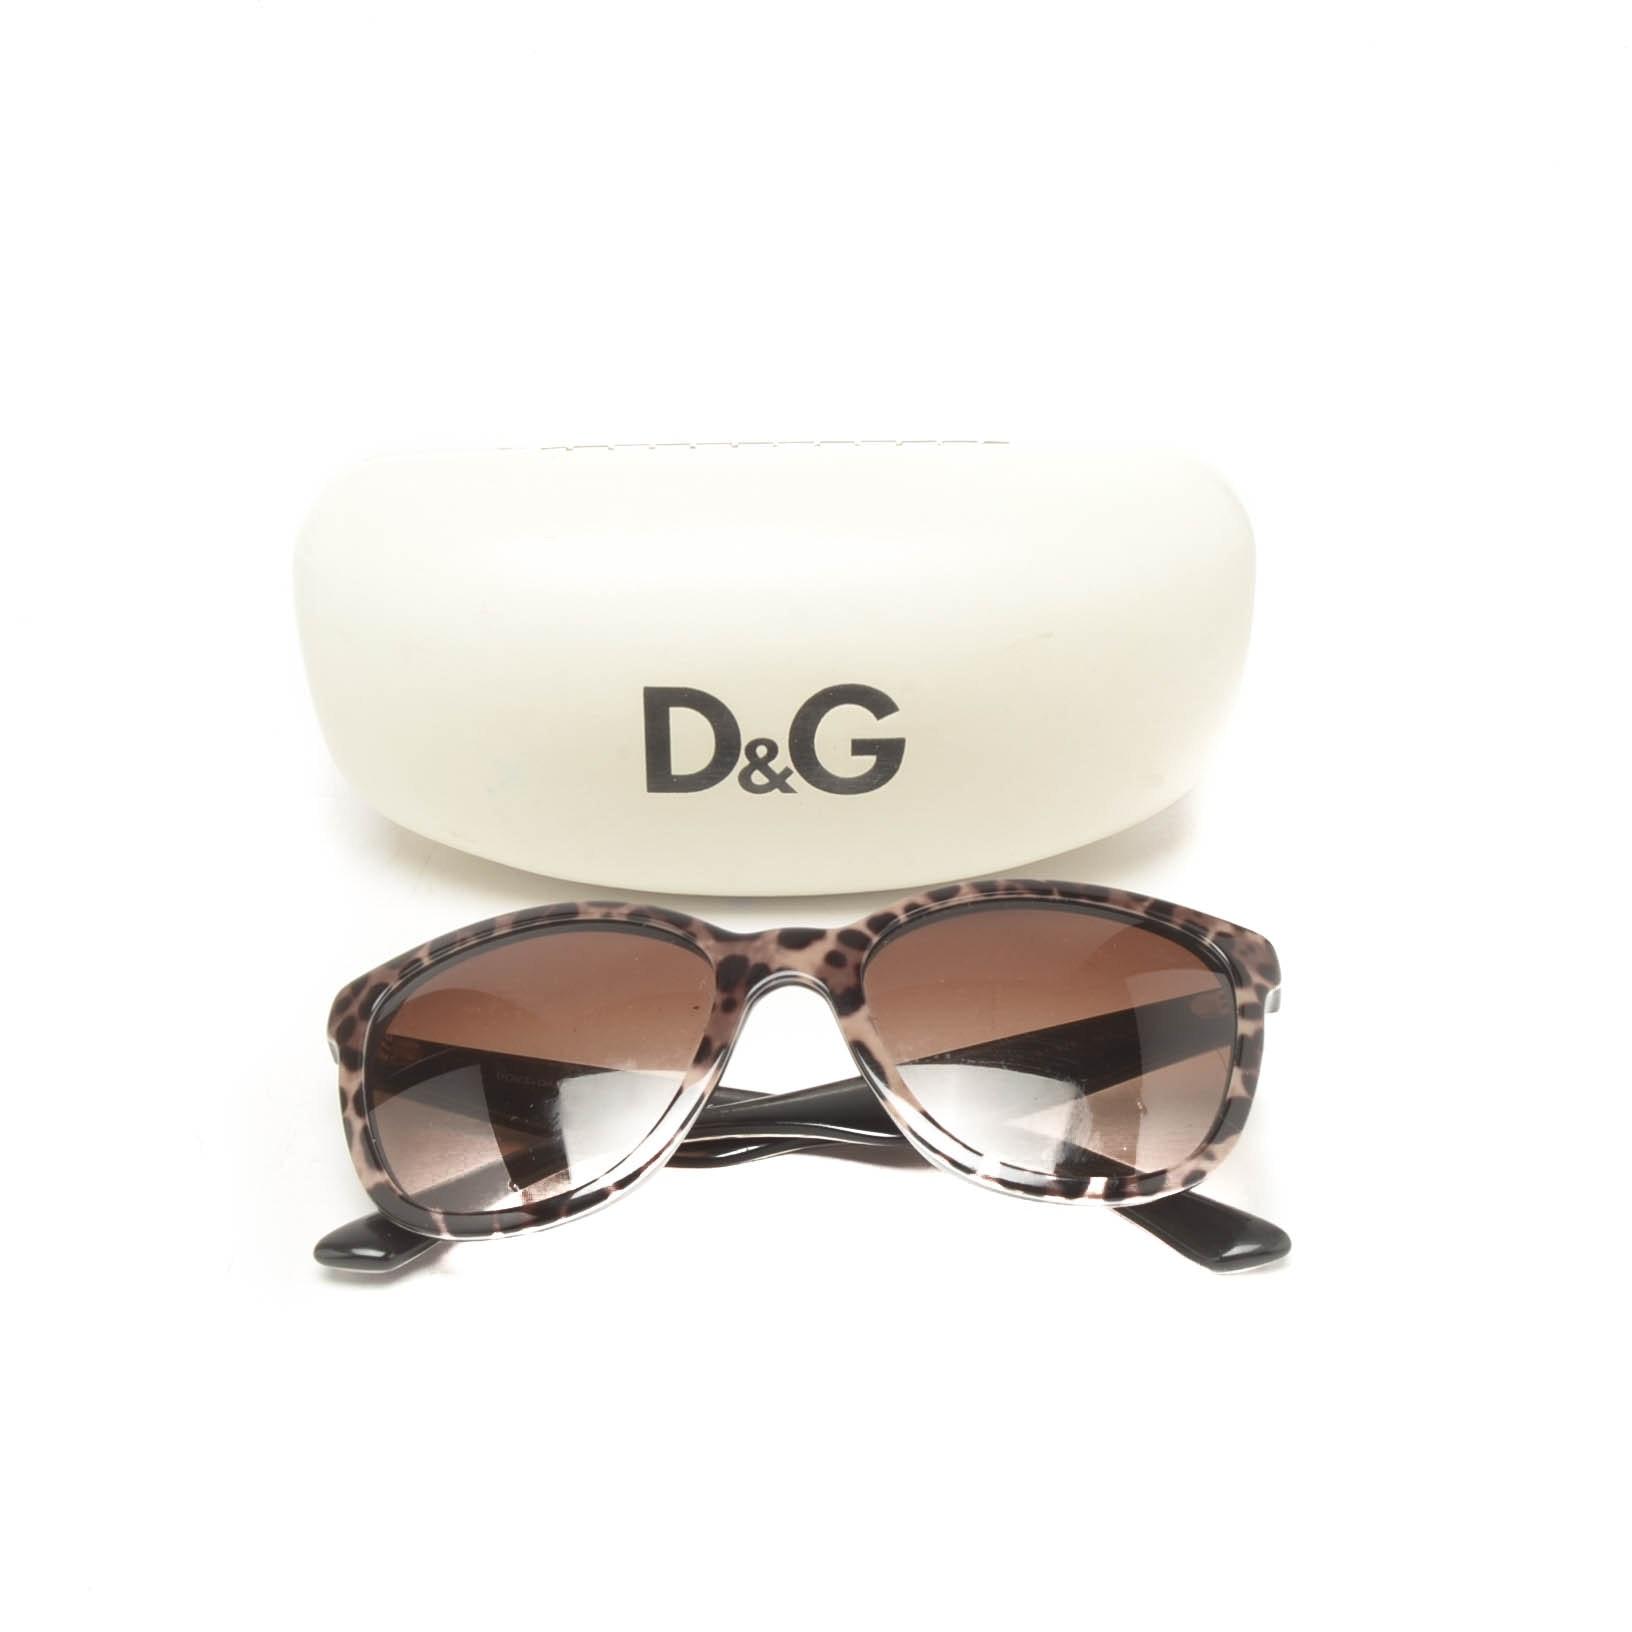 Dolce & Gabbana 4190 Sunglasses